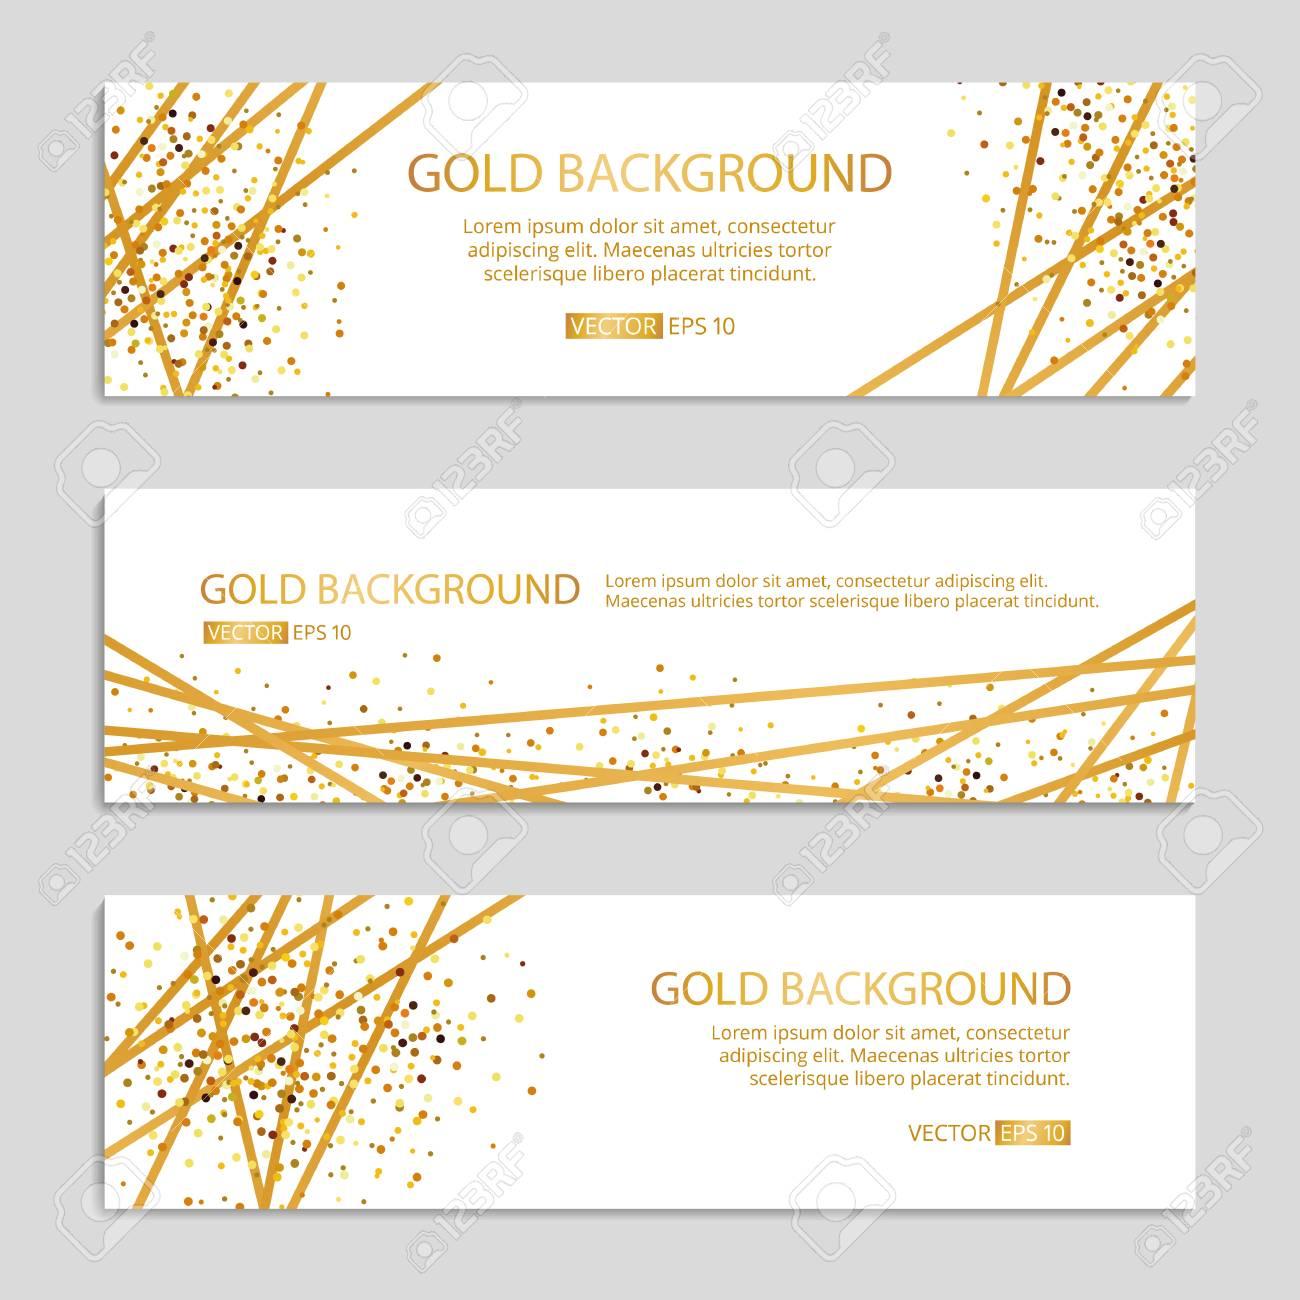 Gold Sparkles banner Background Vector illustration. - 92115128